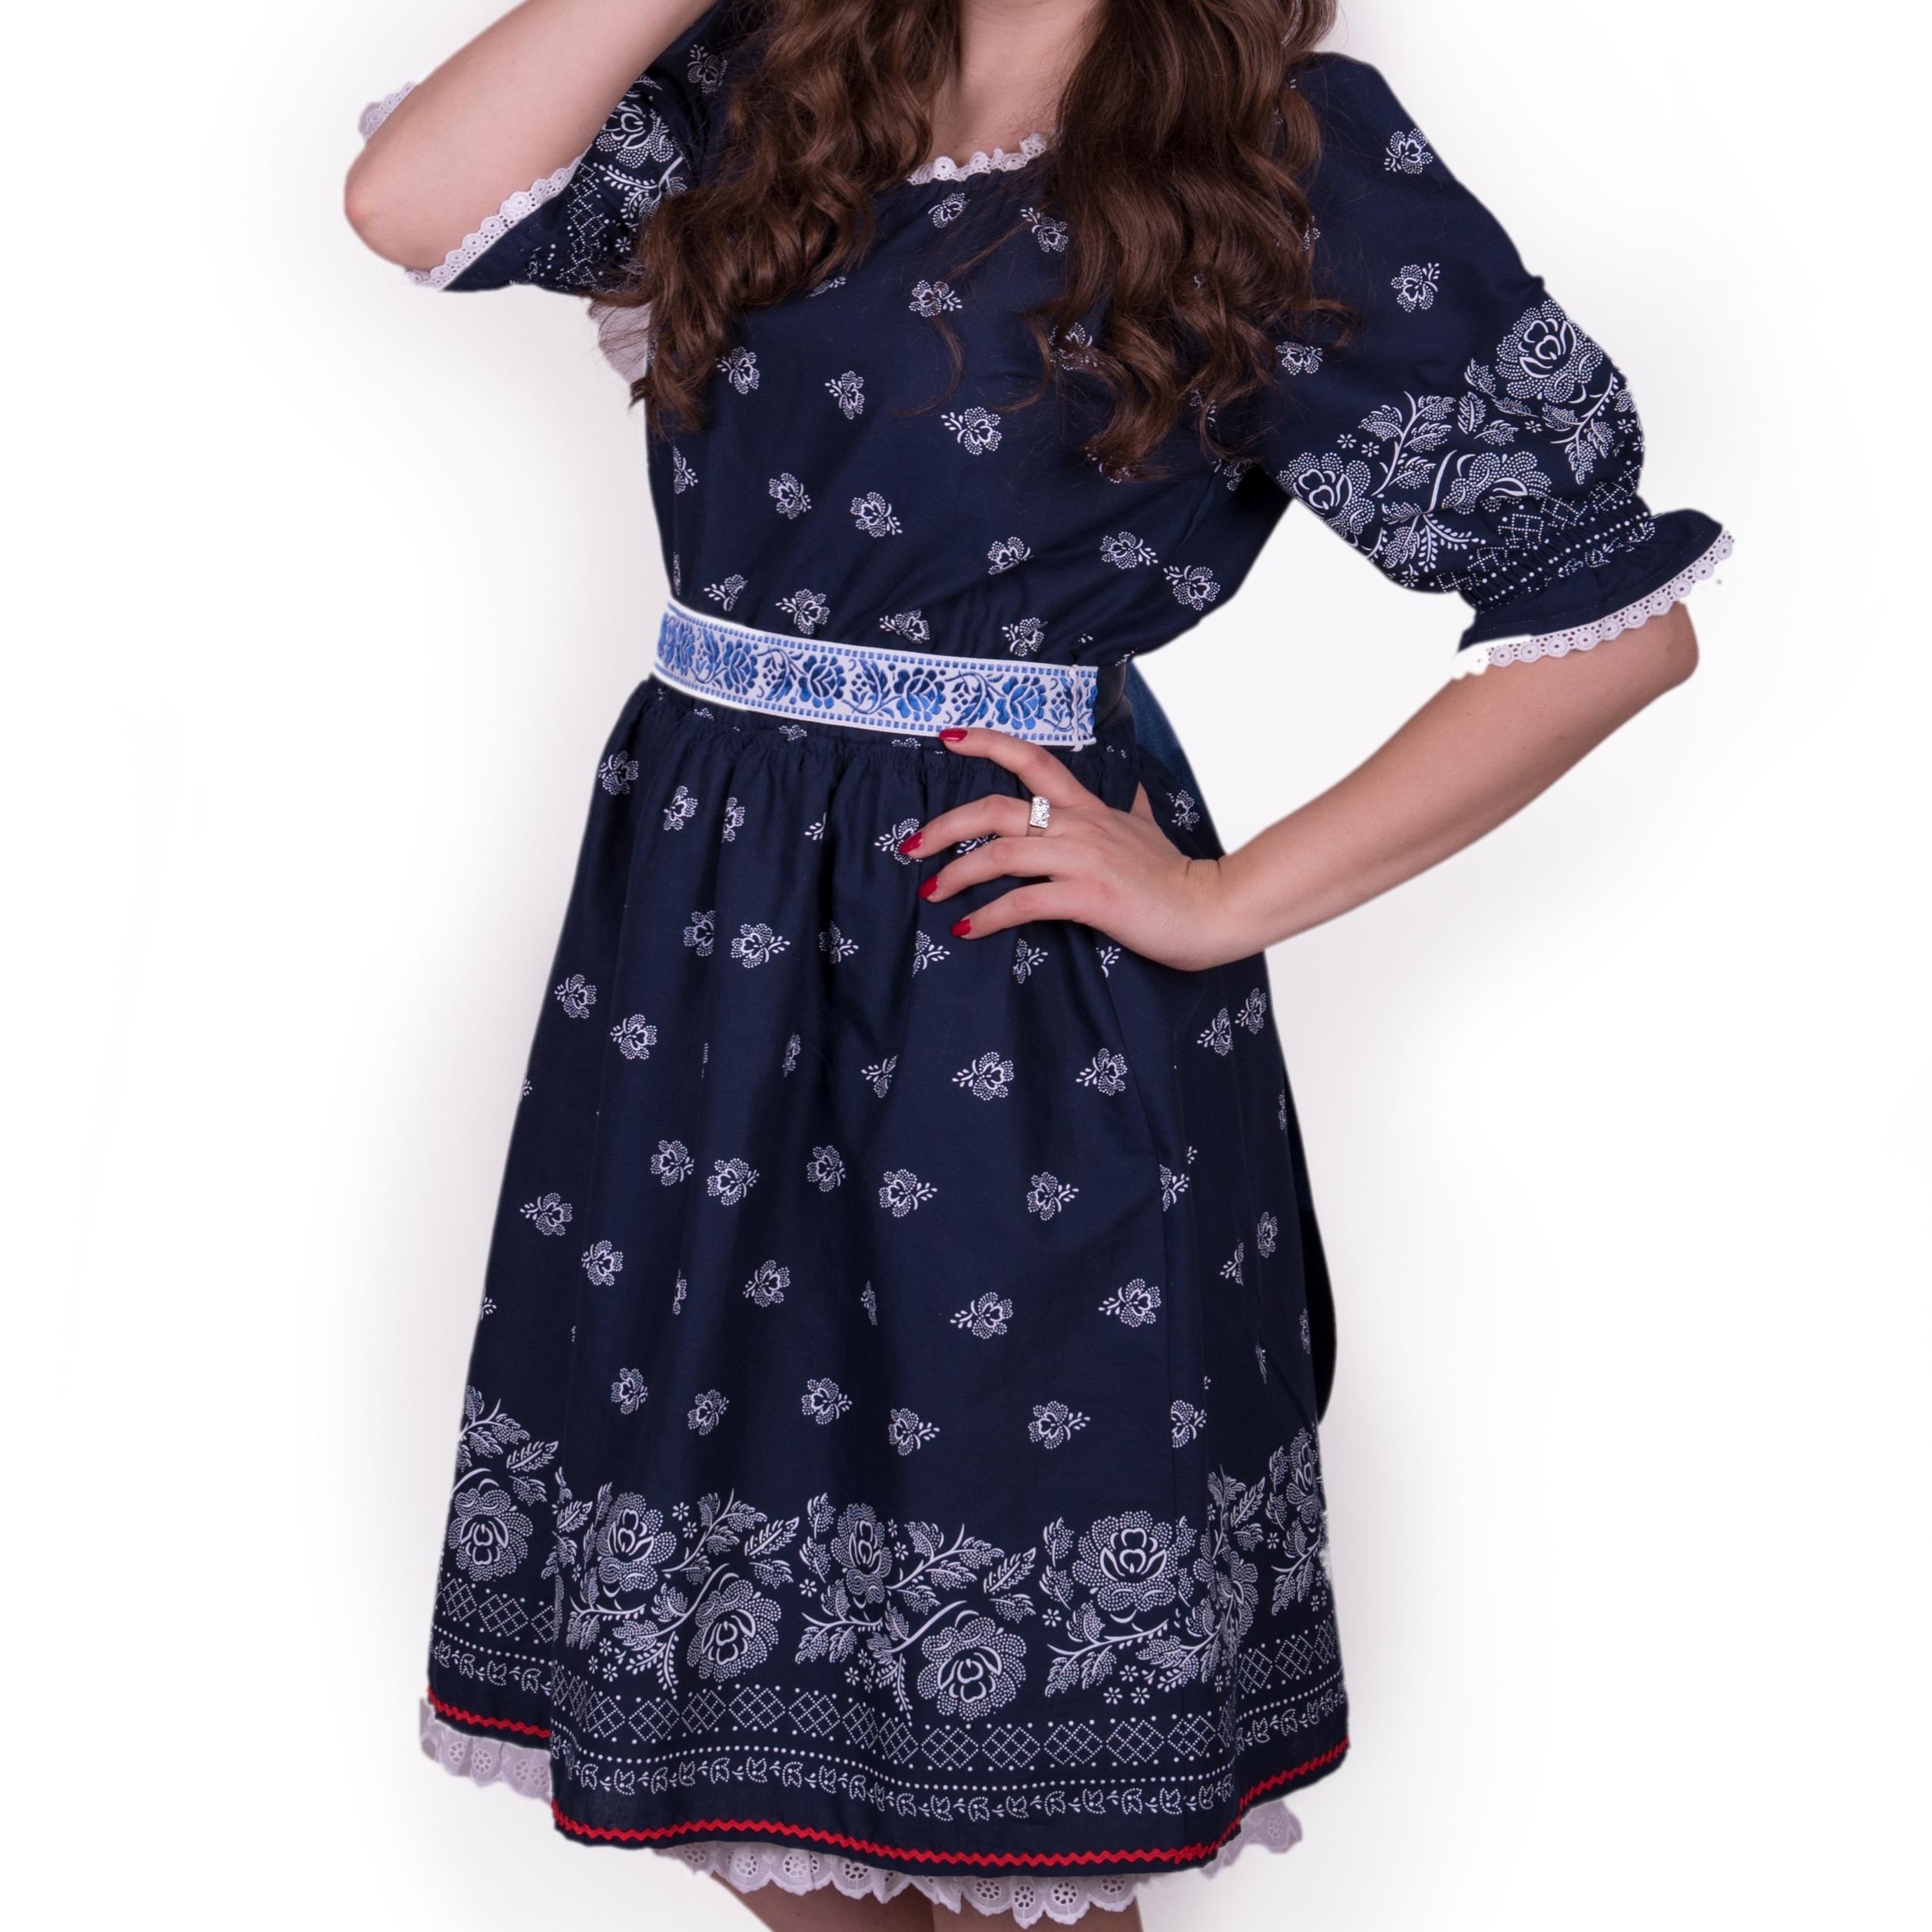 e77c7d8572f6 Modrotlač šaty na redový a čepčenie – babafolk.sk